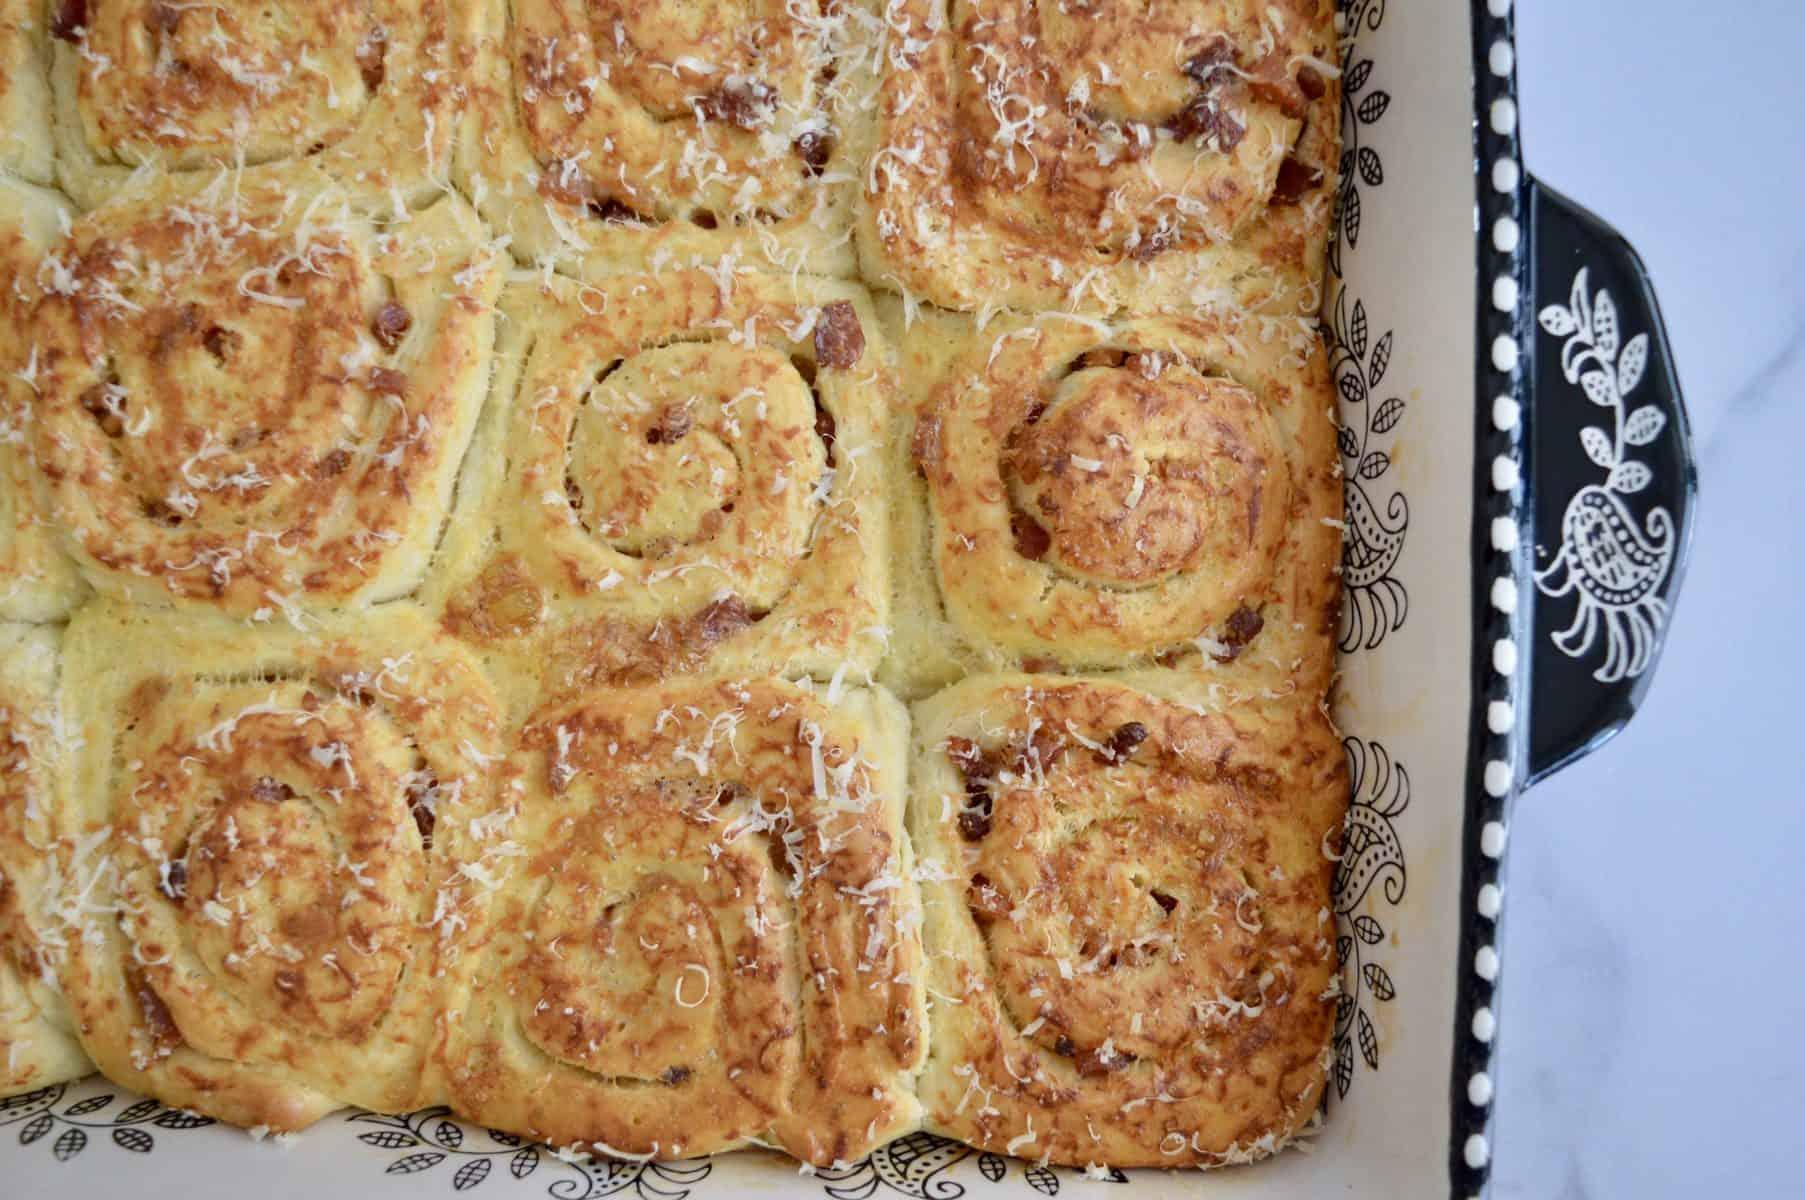 Pinwheel Bread rolls in a baking pan.